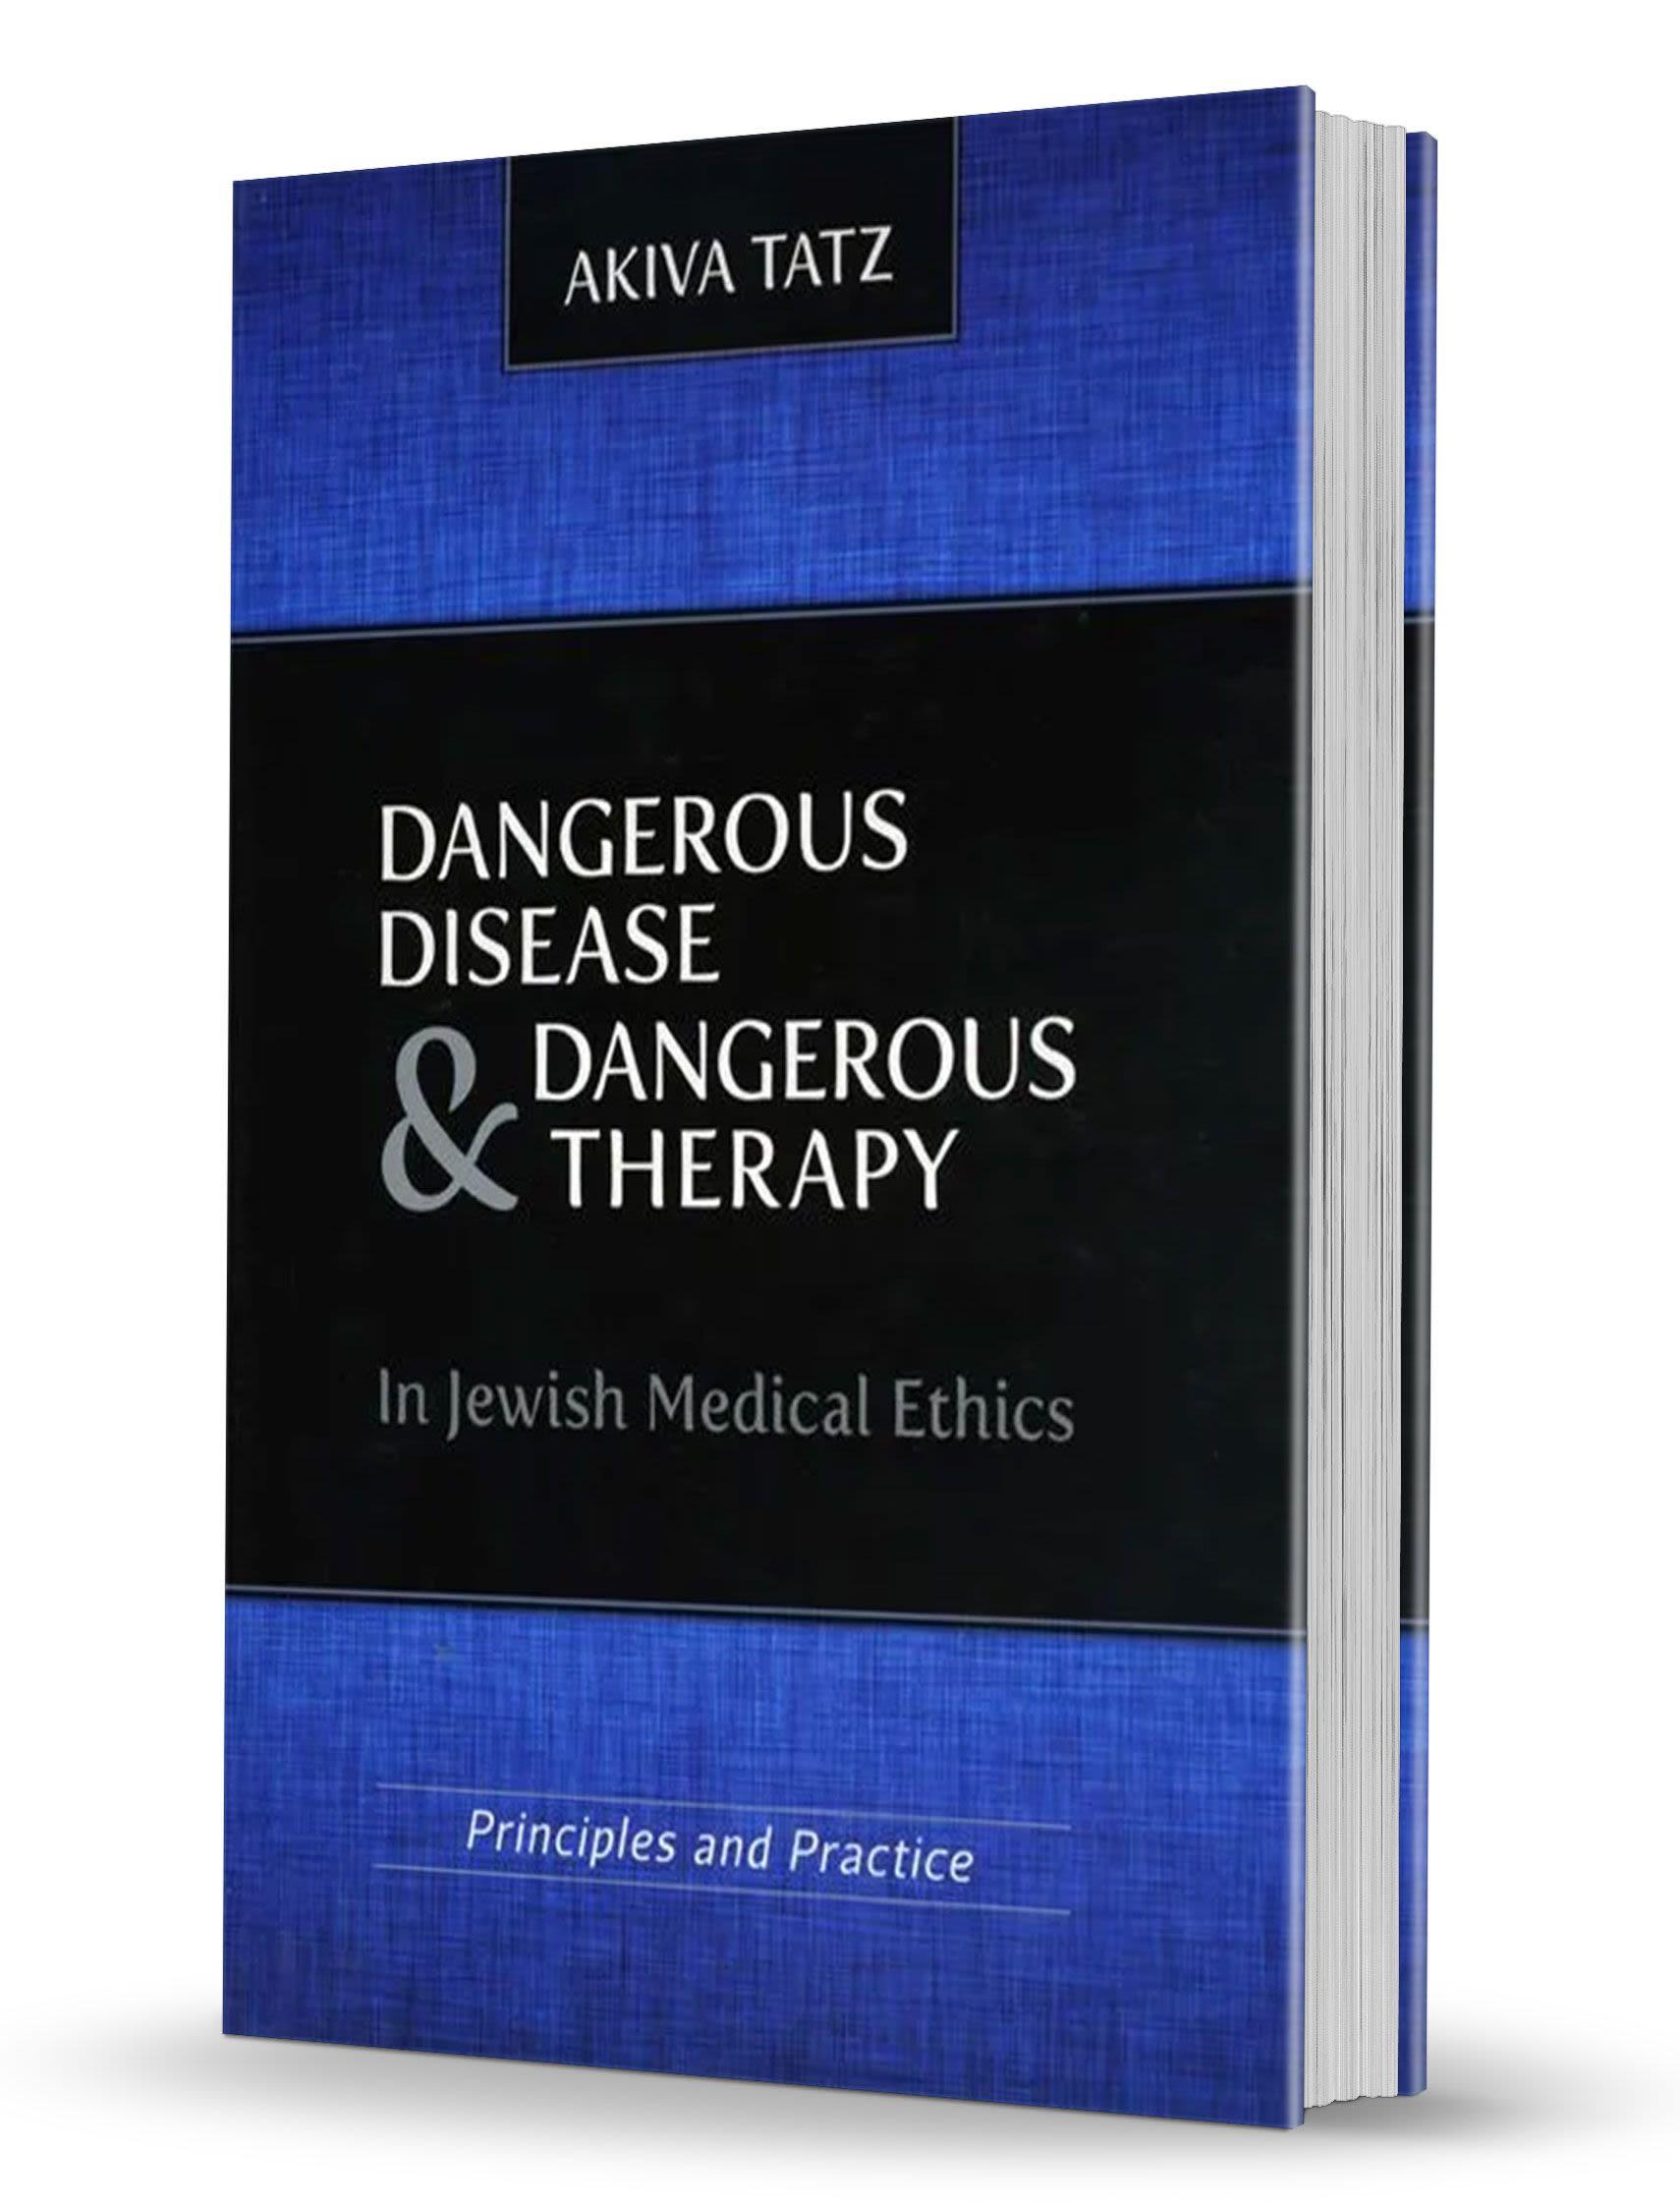 Dangerous Disease & Dangerous Therapy - Rabbi Akiva Tatz's